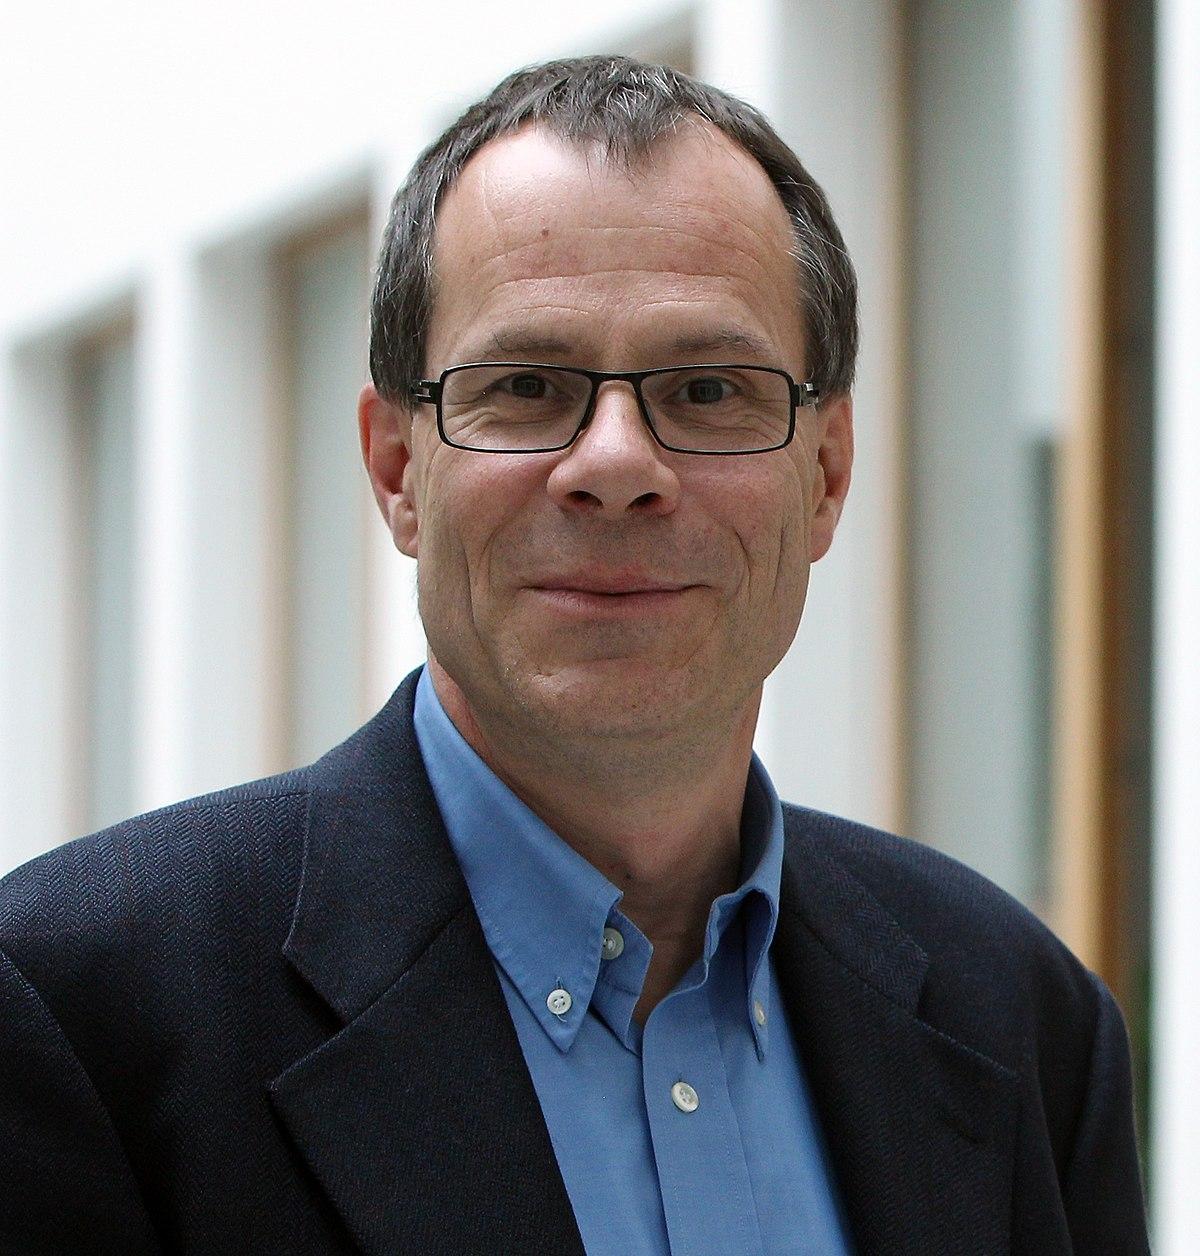 Thomas Wiegold – Wikipedia